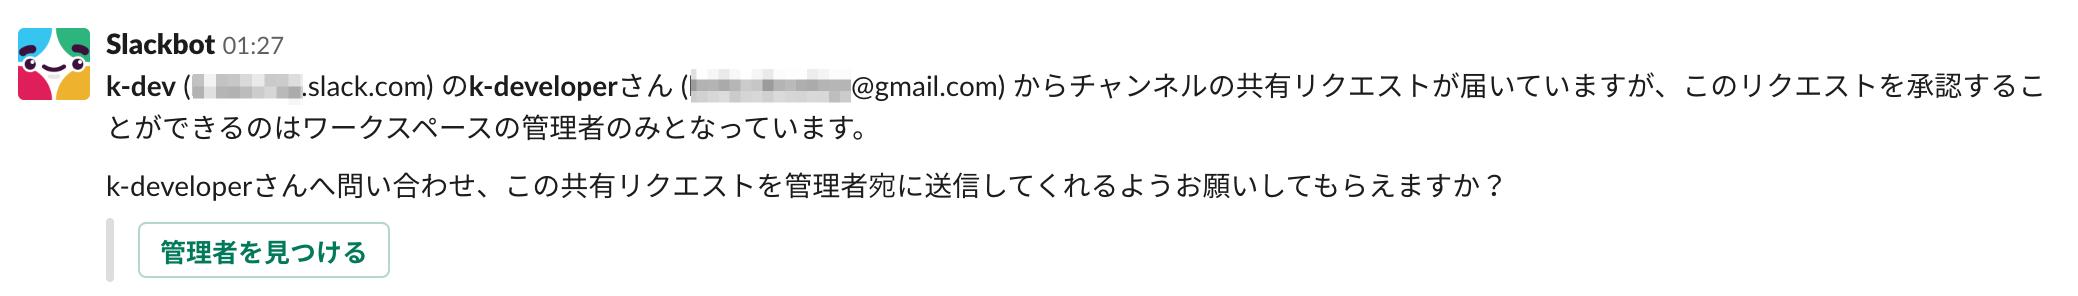 スクリーンショット_2019-08-25_1_28_19.png